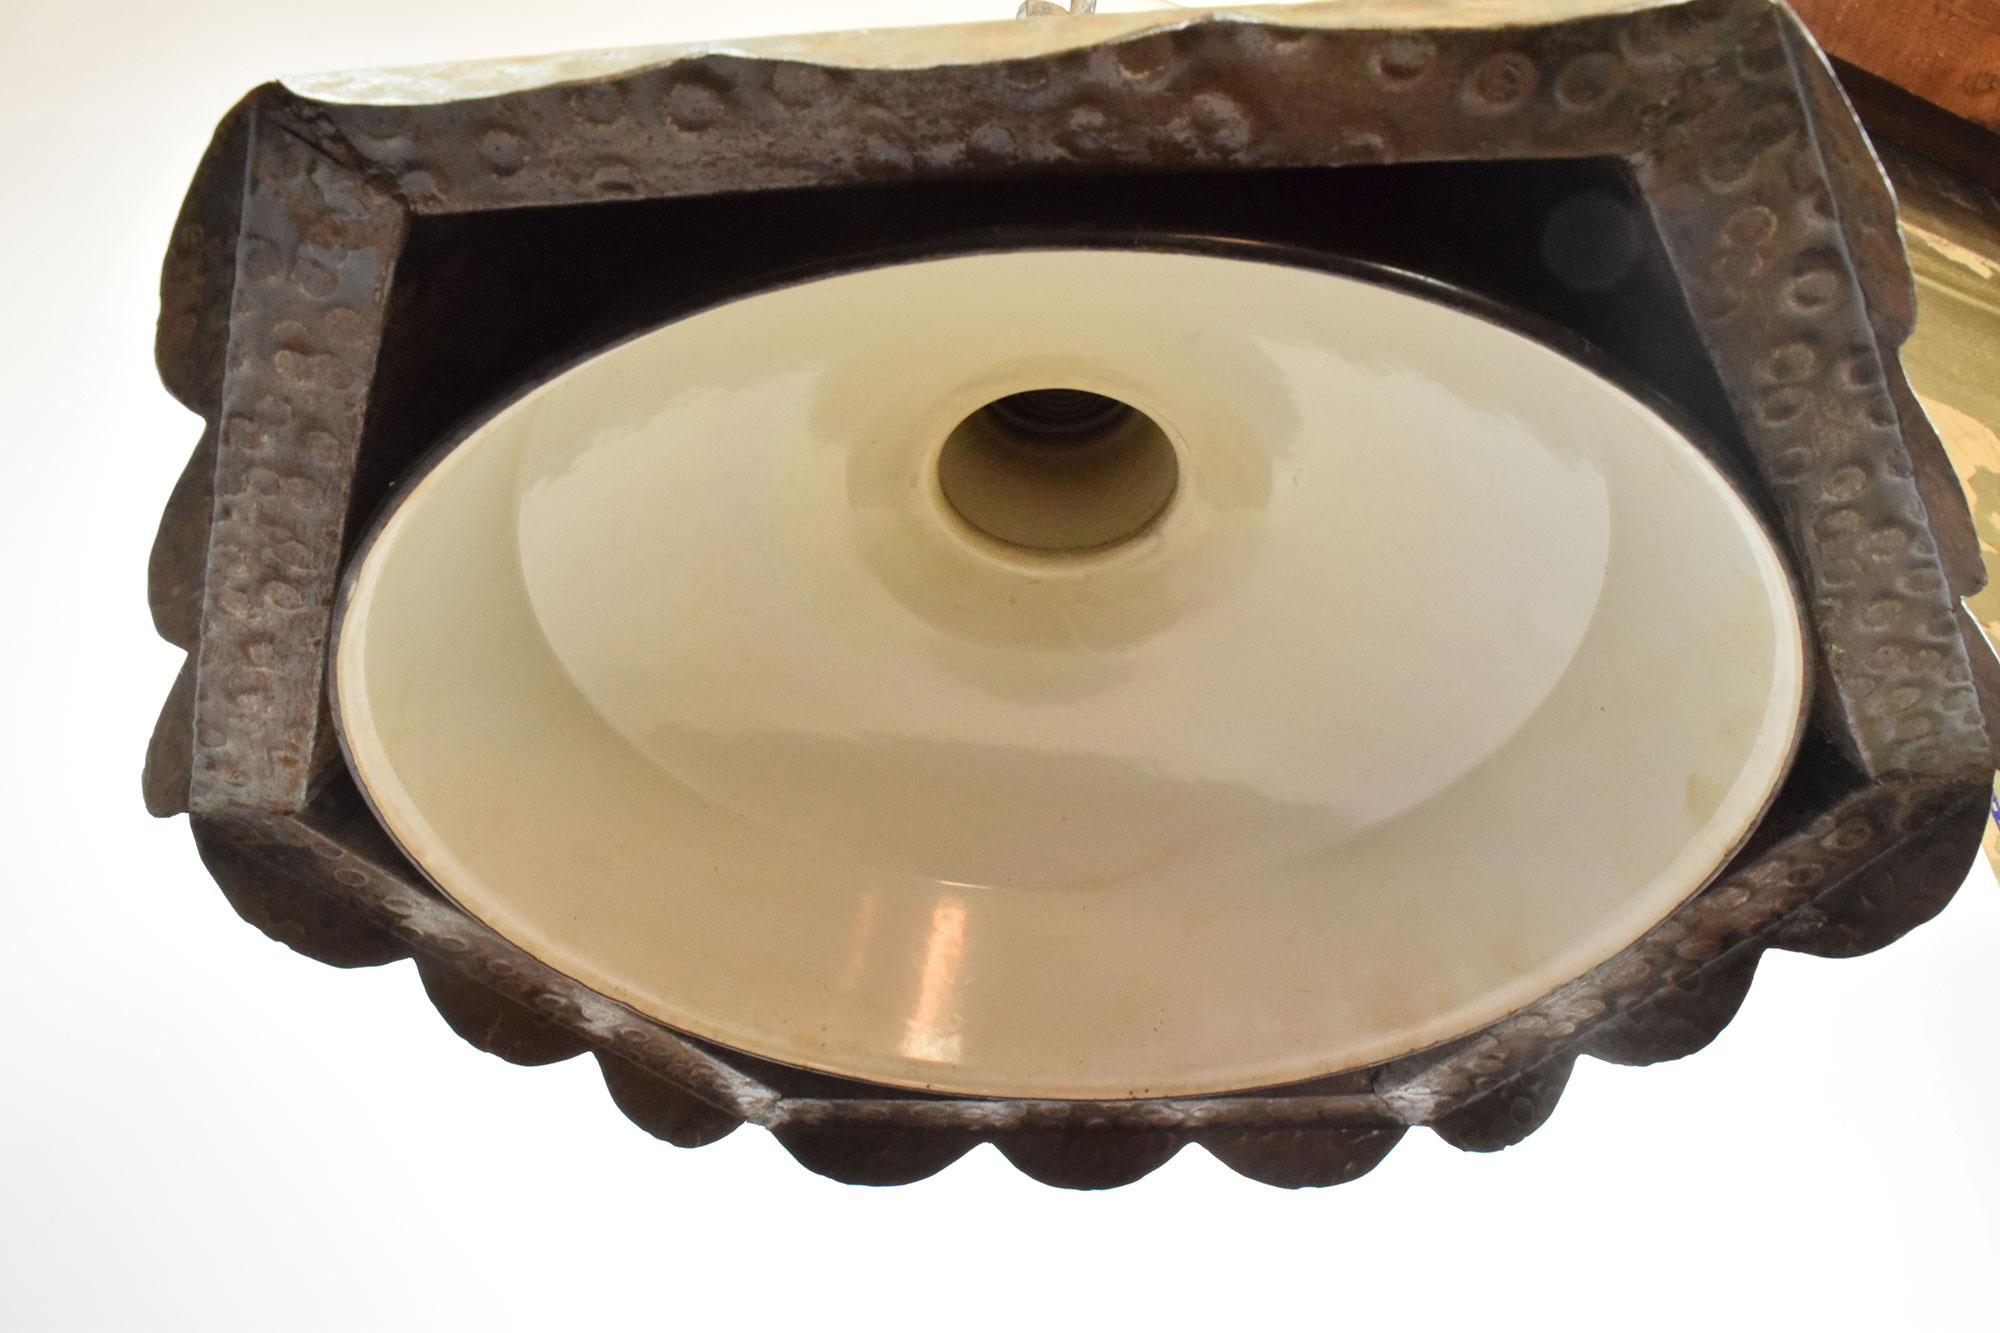 46956-hammered-bronze-flushmount-underneath-two.jpg